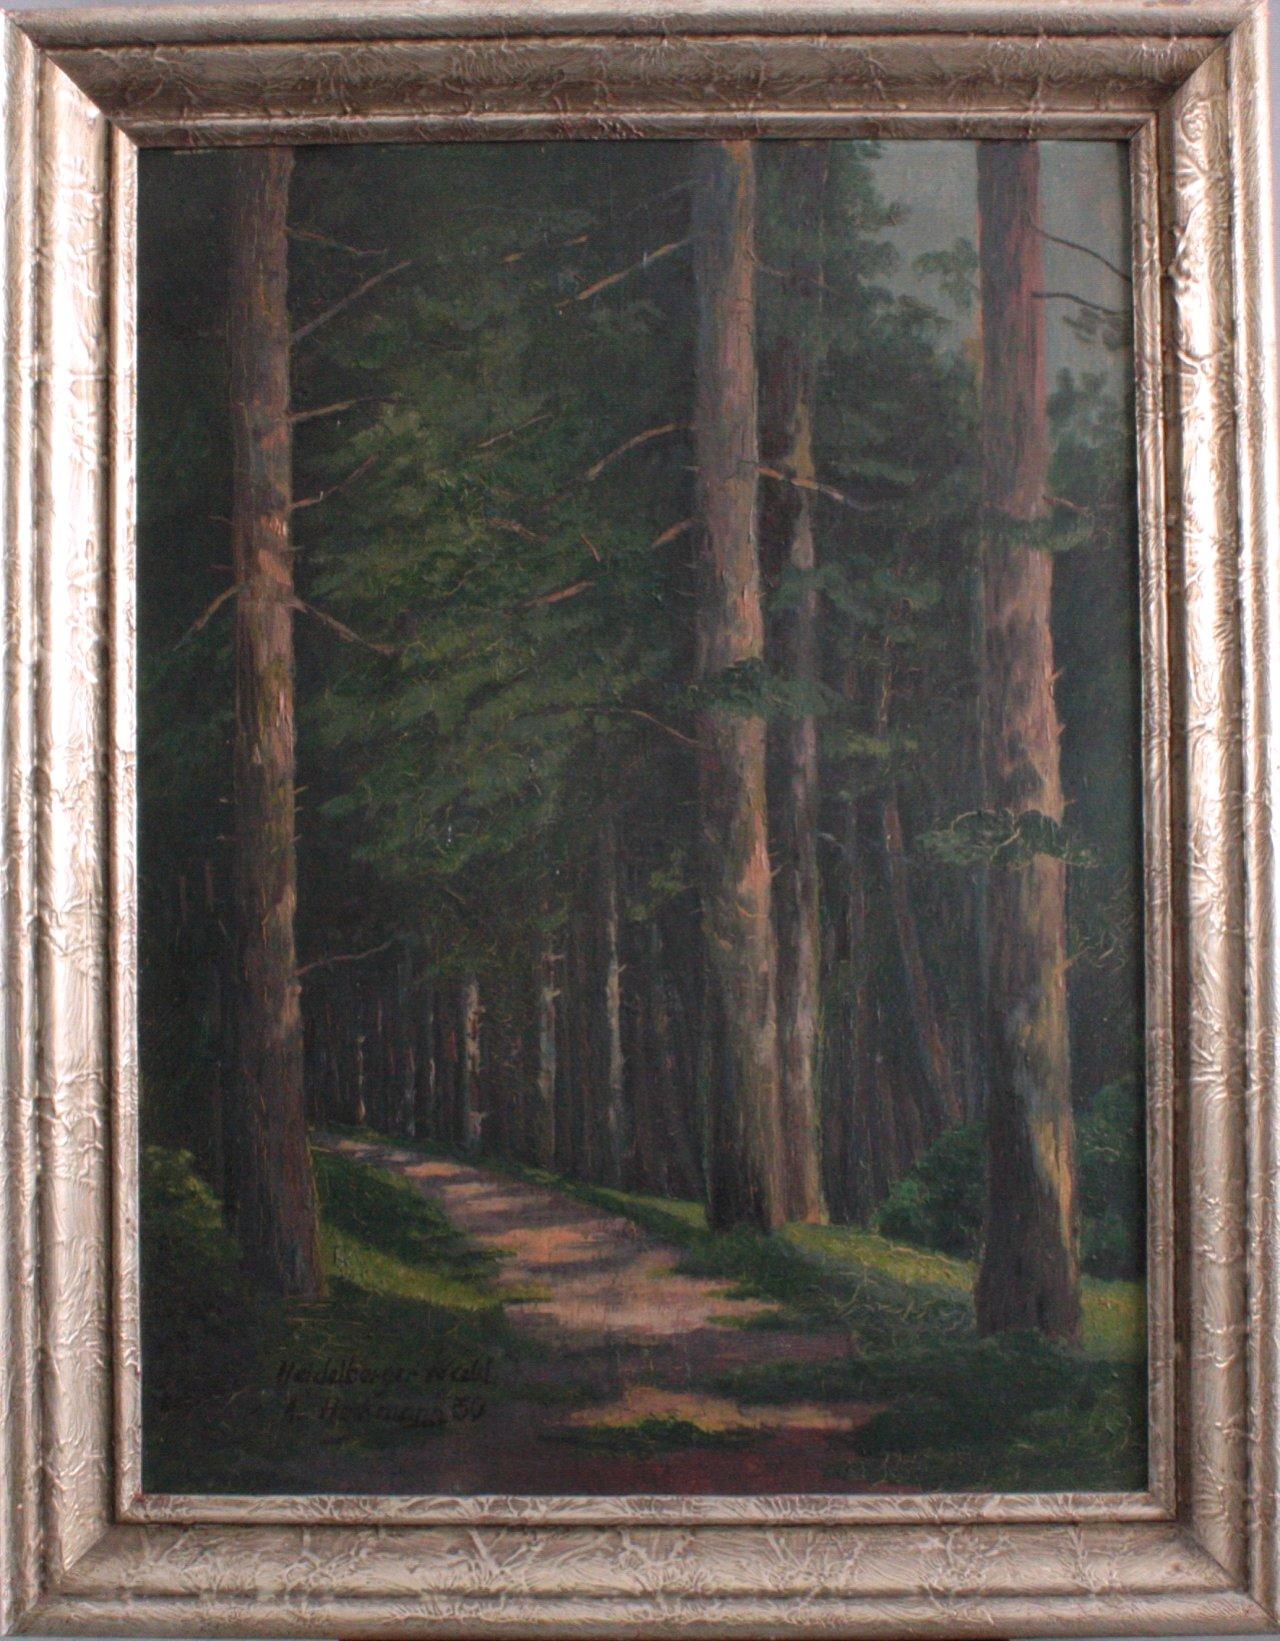 A. Heckmann, Heidelberger Wald